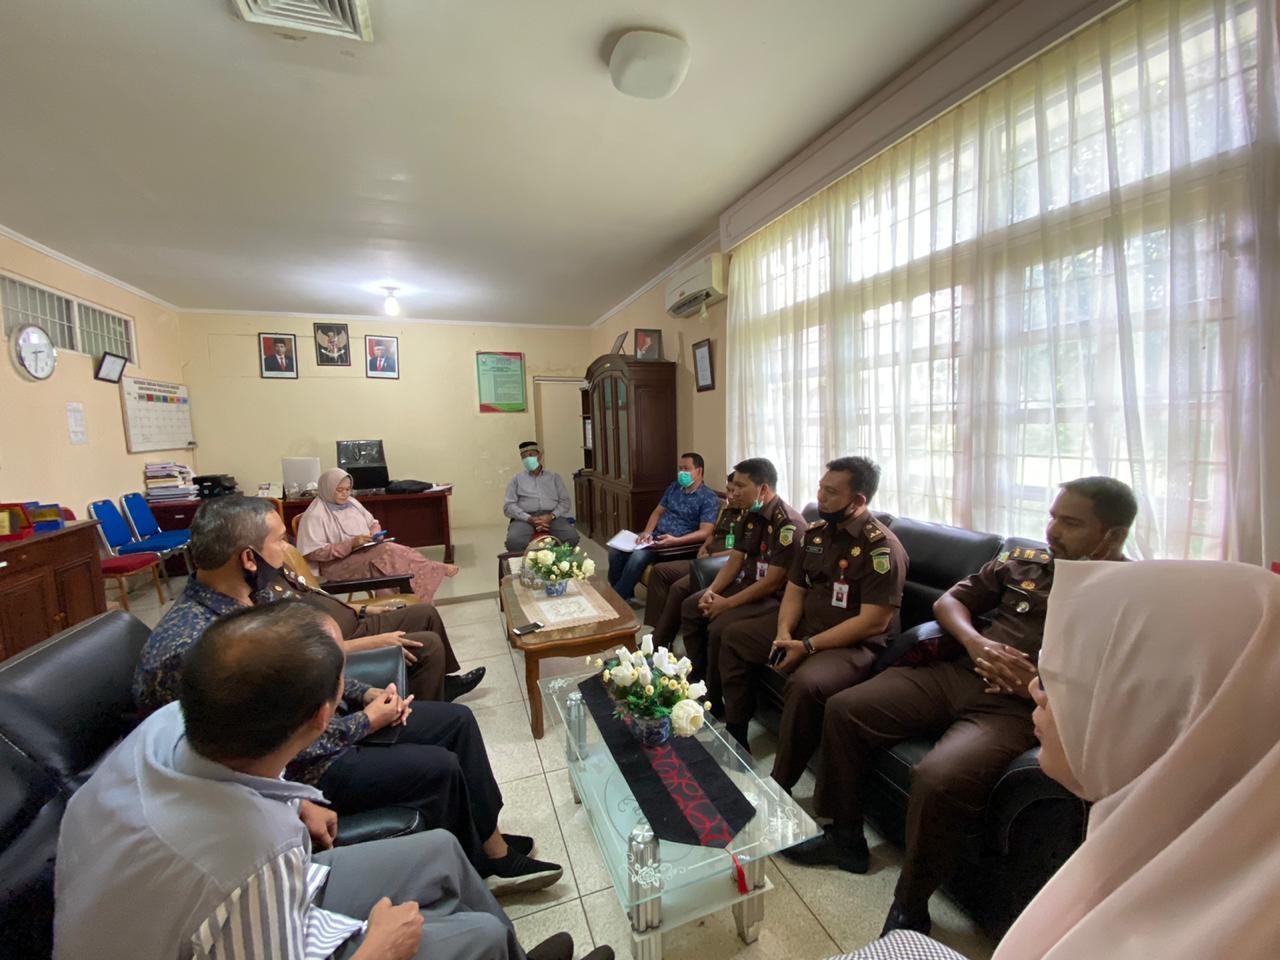 http://news.unimal.ac.id/index/single/1410/kajari-lhokseumawe-kunjungi-fakultas-hukum-universitas-malikussaleh